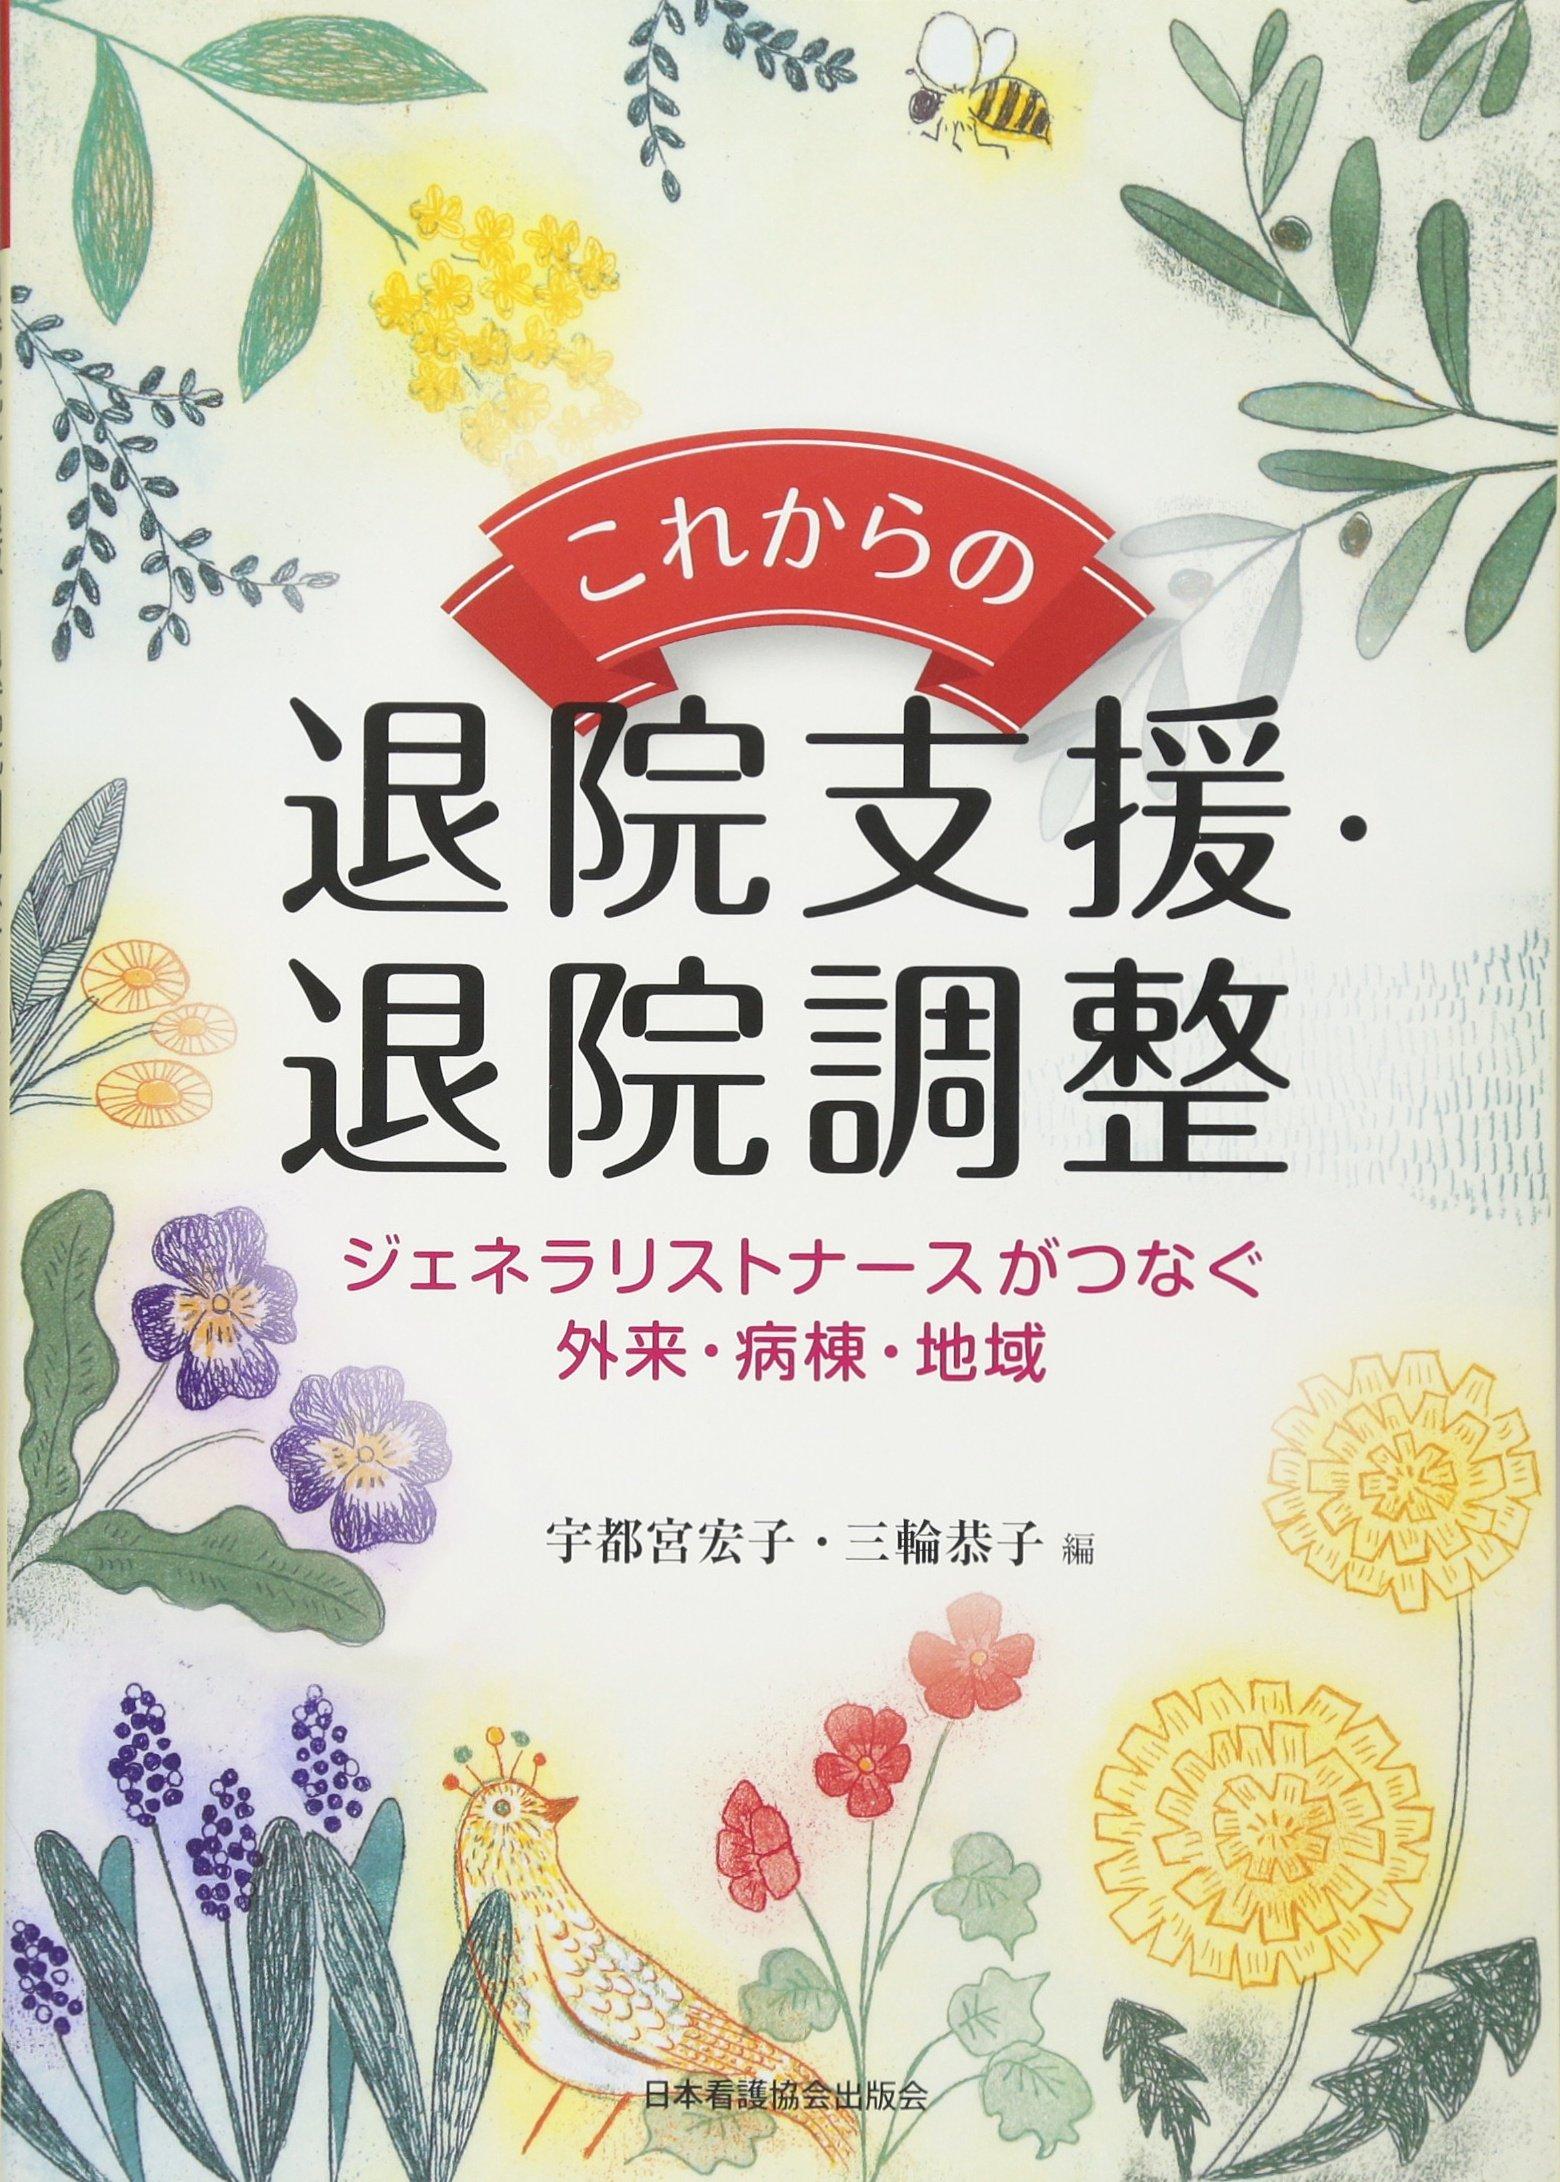 Read Online Korekara no taiin shien taiin chōsei : jenerarisuto nāsu ga tsunagu gairai byōtō chiiki pdf epub